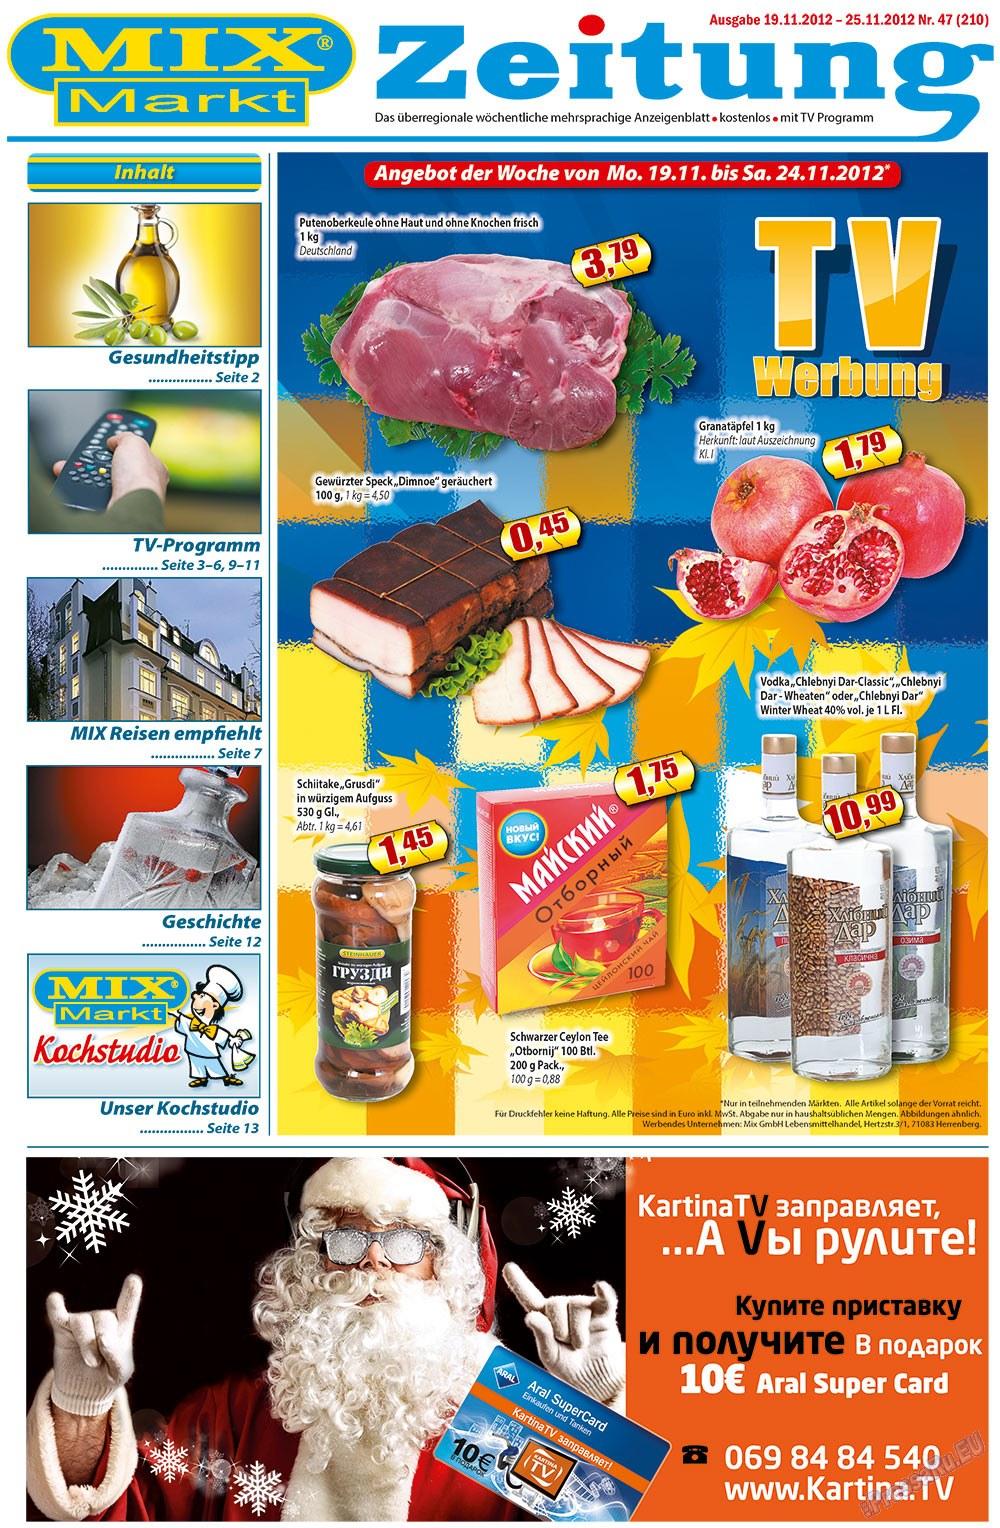 MIX-Markt Zeitung (газета). 2012 год, номер 47, стр. 1